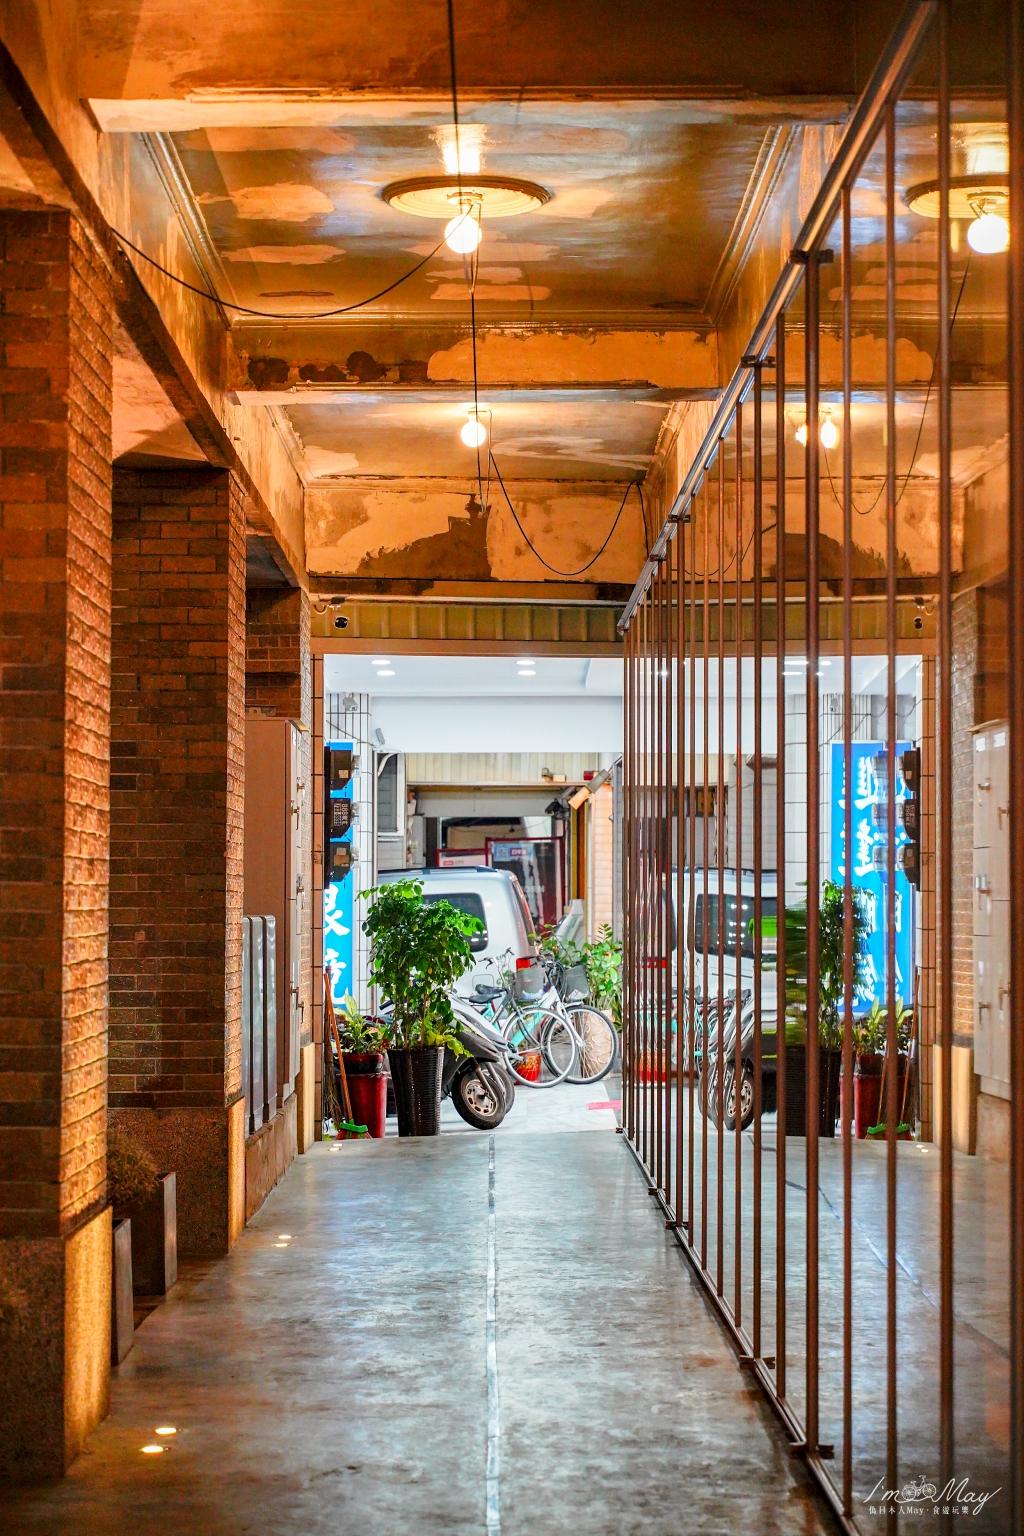 屏東建築美學 | 八十年老旅社大翻身,變身復古時髦咖啡店「驛前大和咖啡館」(驛前大和旅社) | 承載老屏東人的回憶、老屋與咖啡的新共生,踏入昭和時代的空間、感受時光的雋永感 @偽日本人May.食遊玩樂